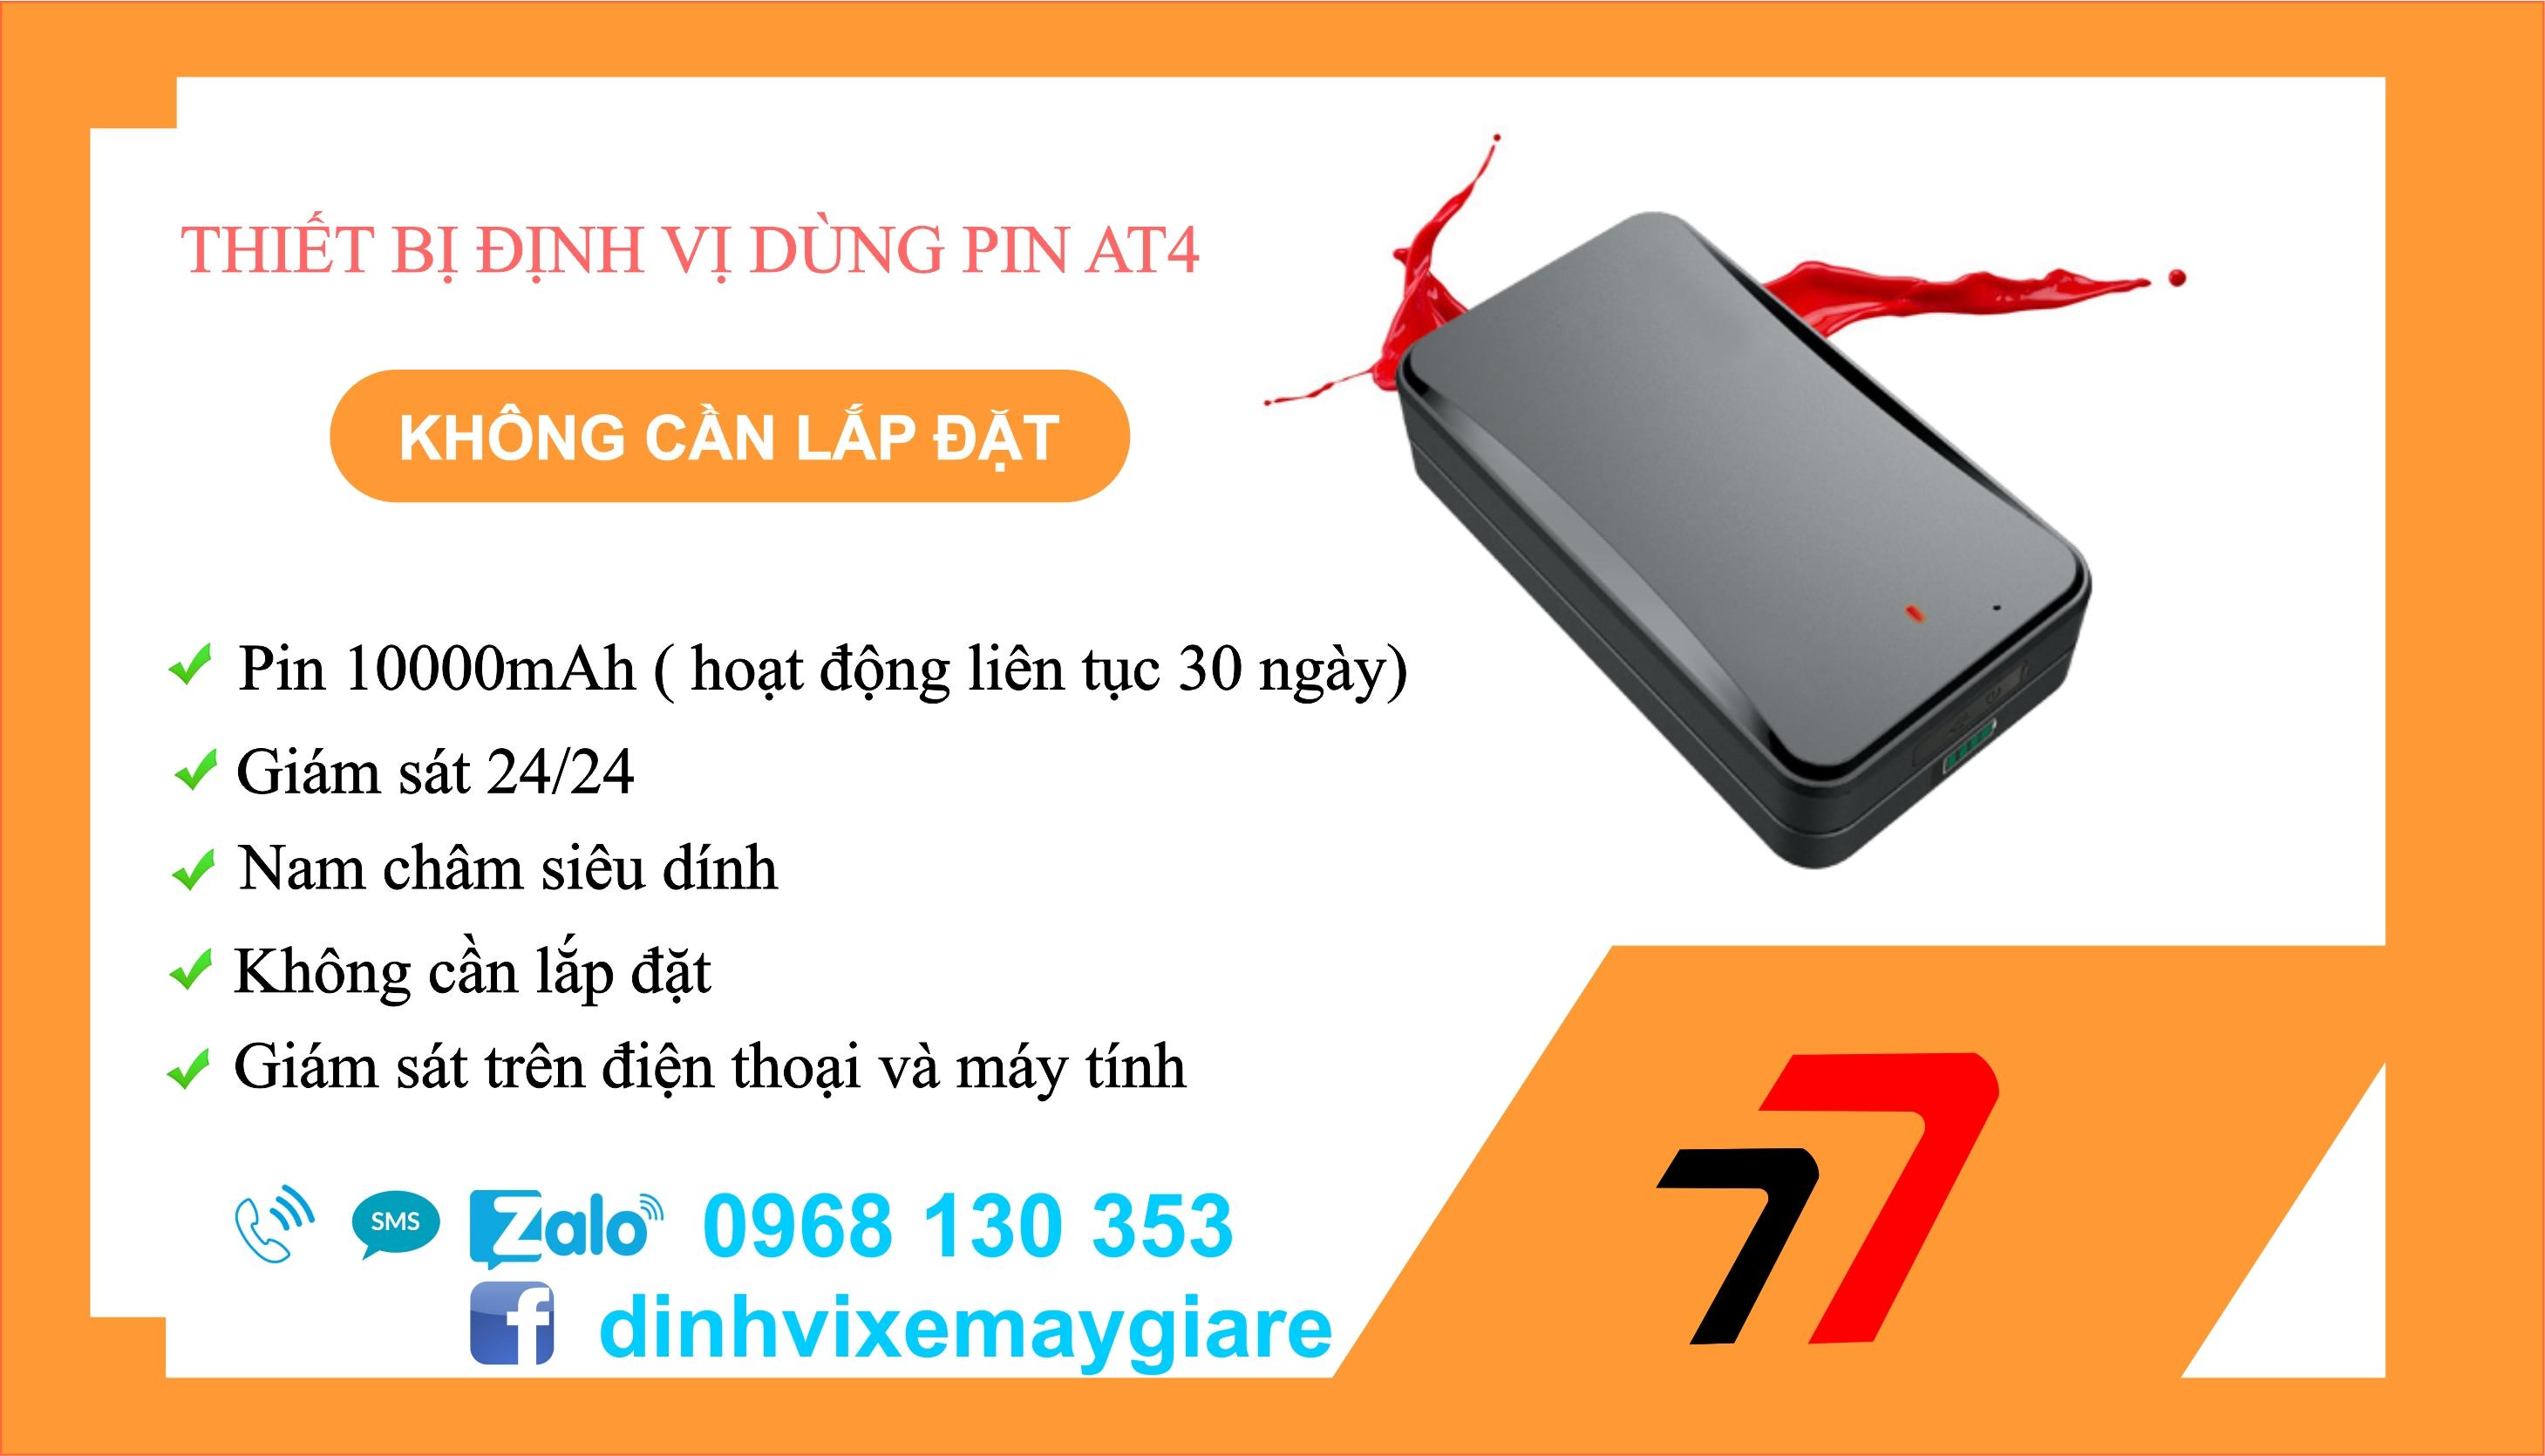 thiet-bi-dung-ping-at4